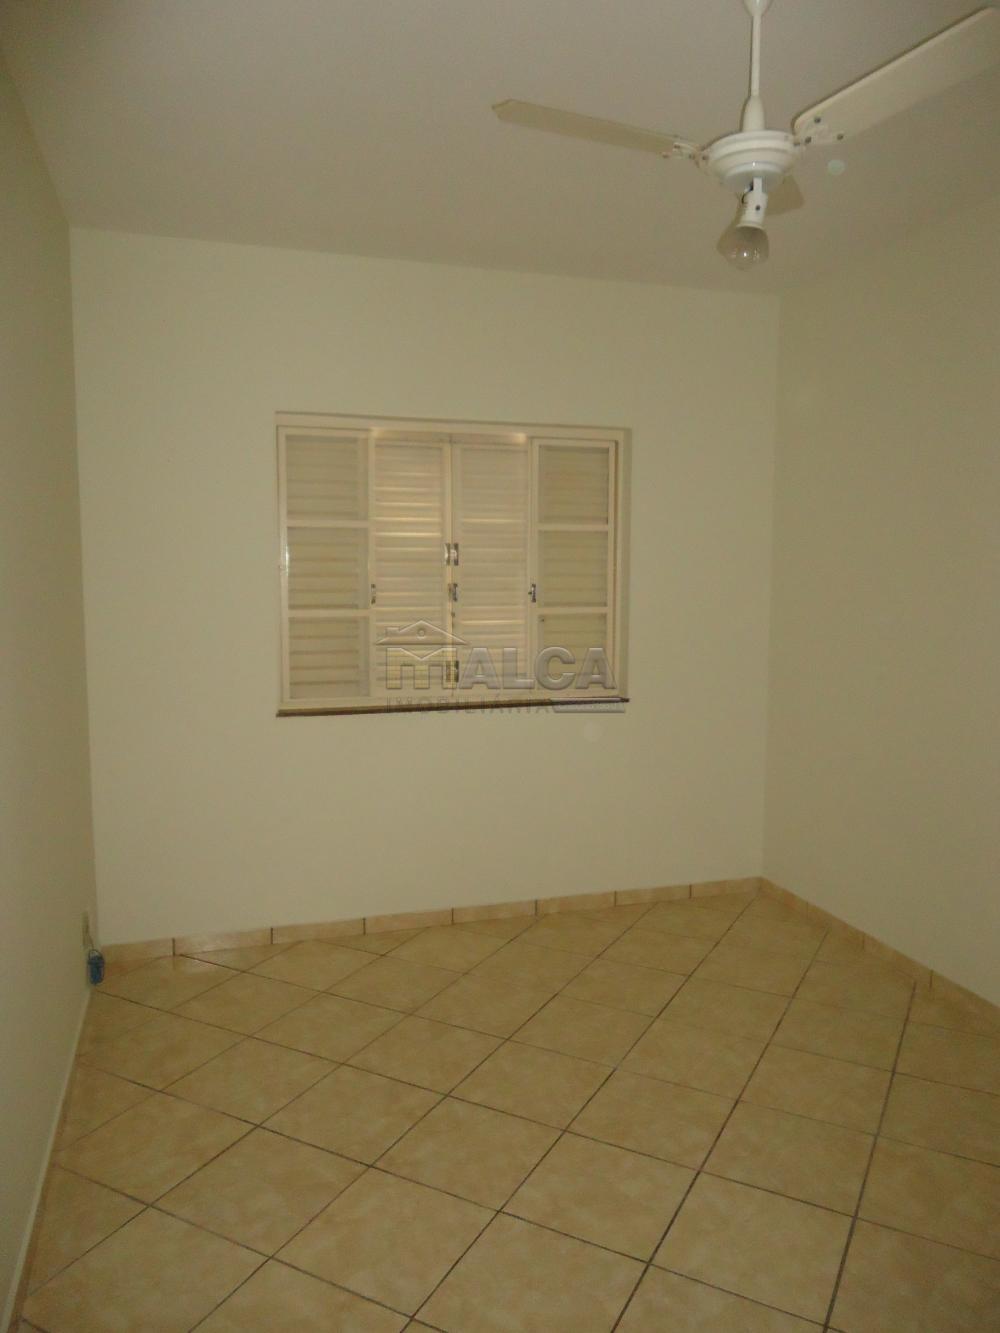 Alugar Casas / Padrão em São José do Rio Pardo R$ 1.300,00 - Foto 25